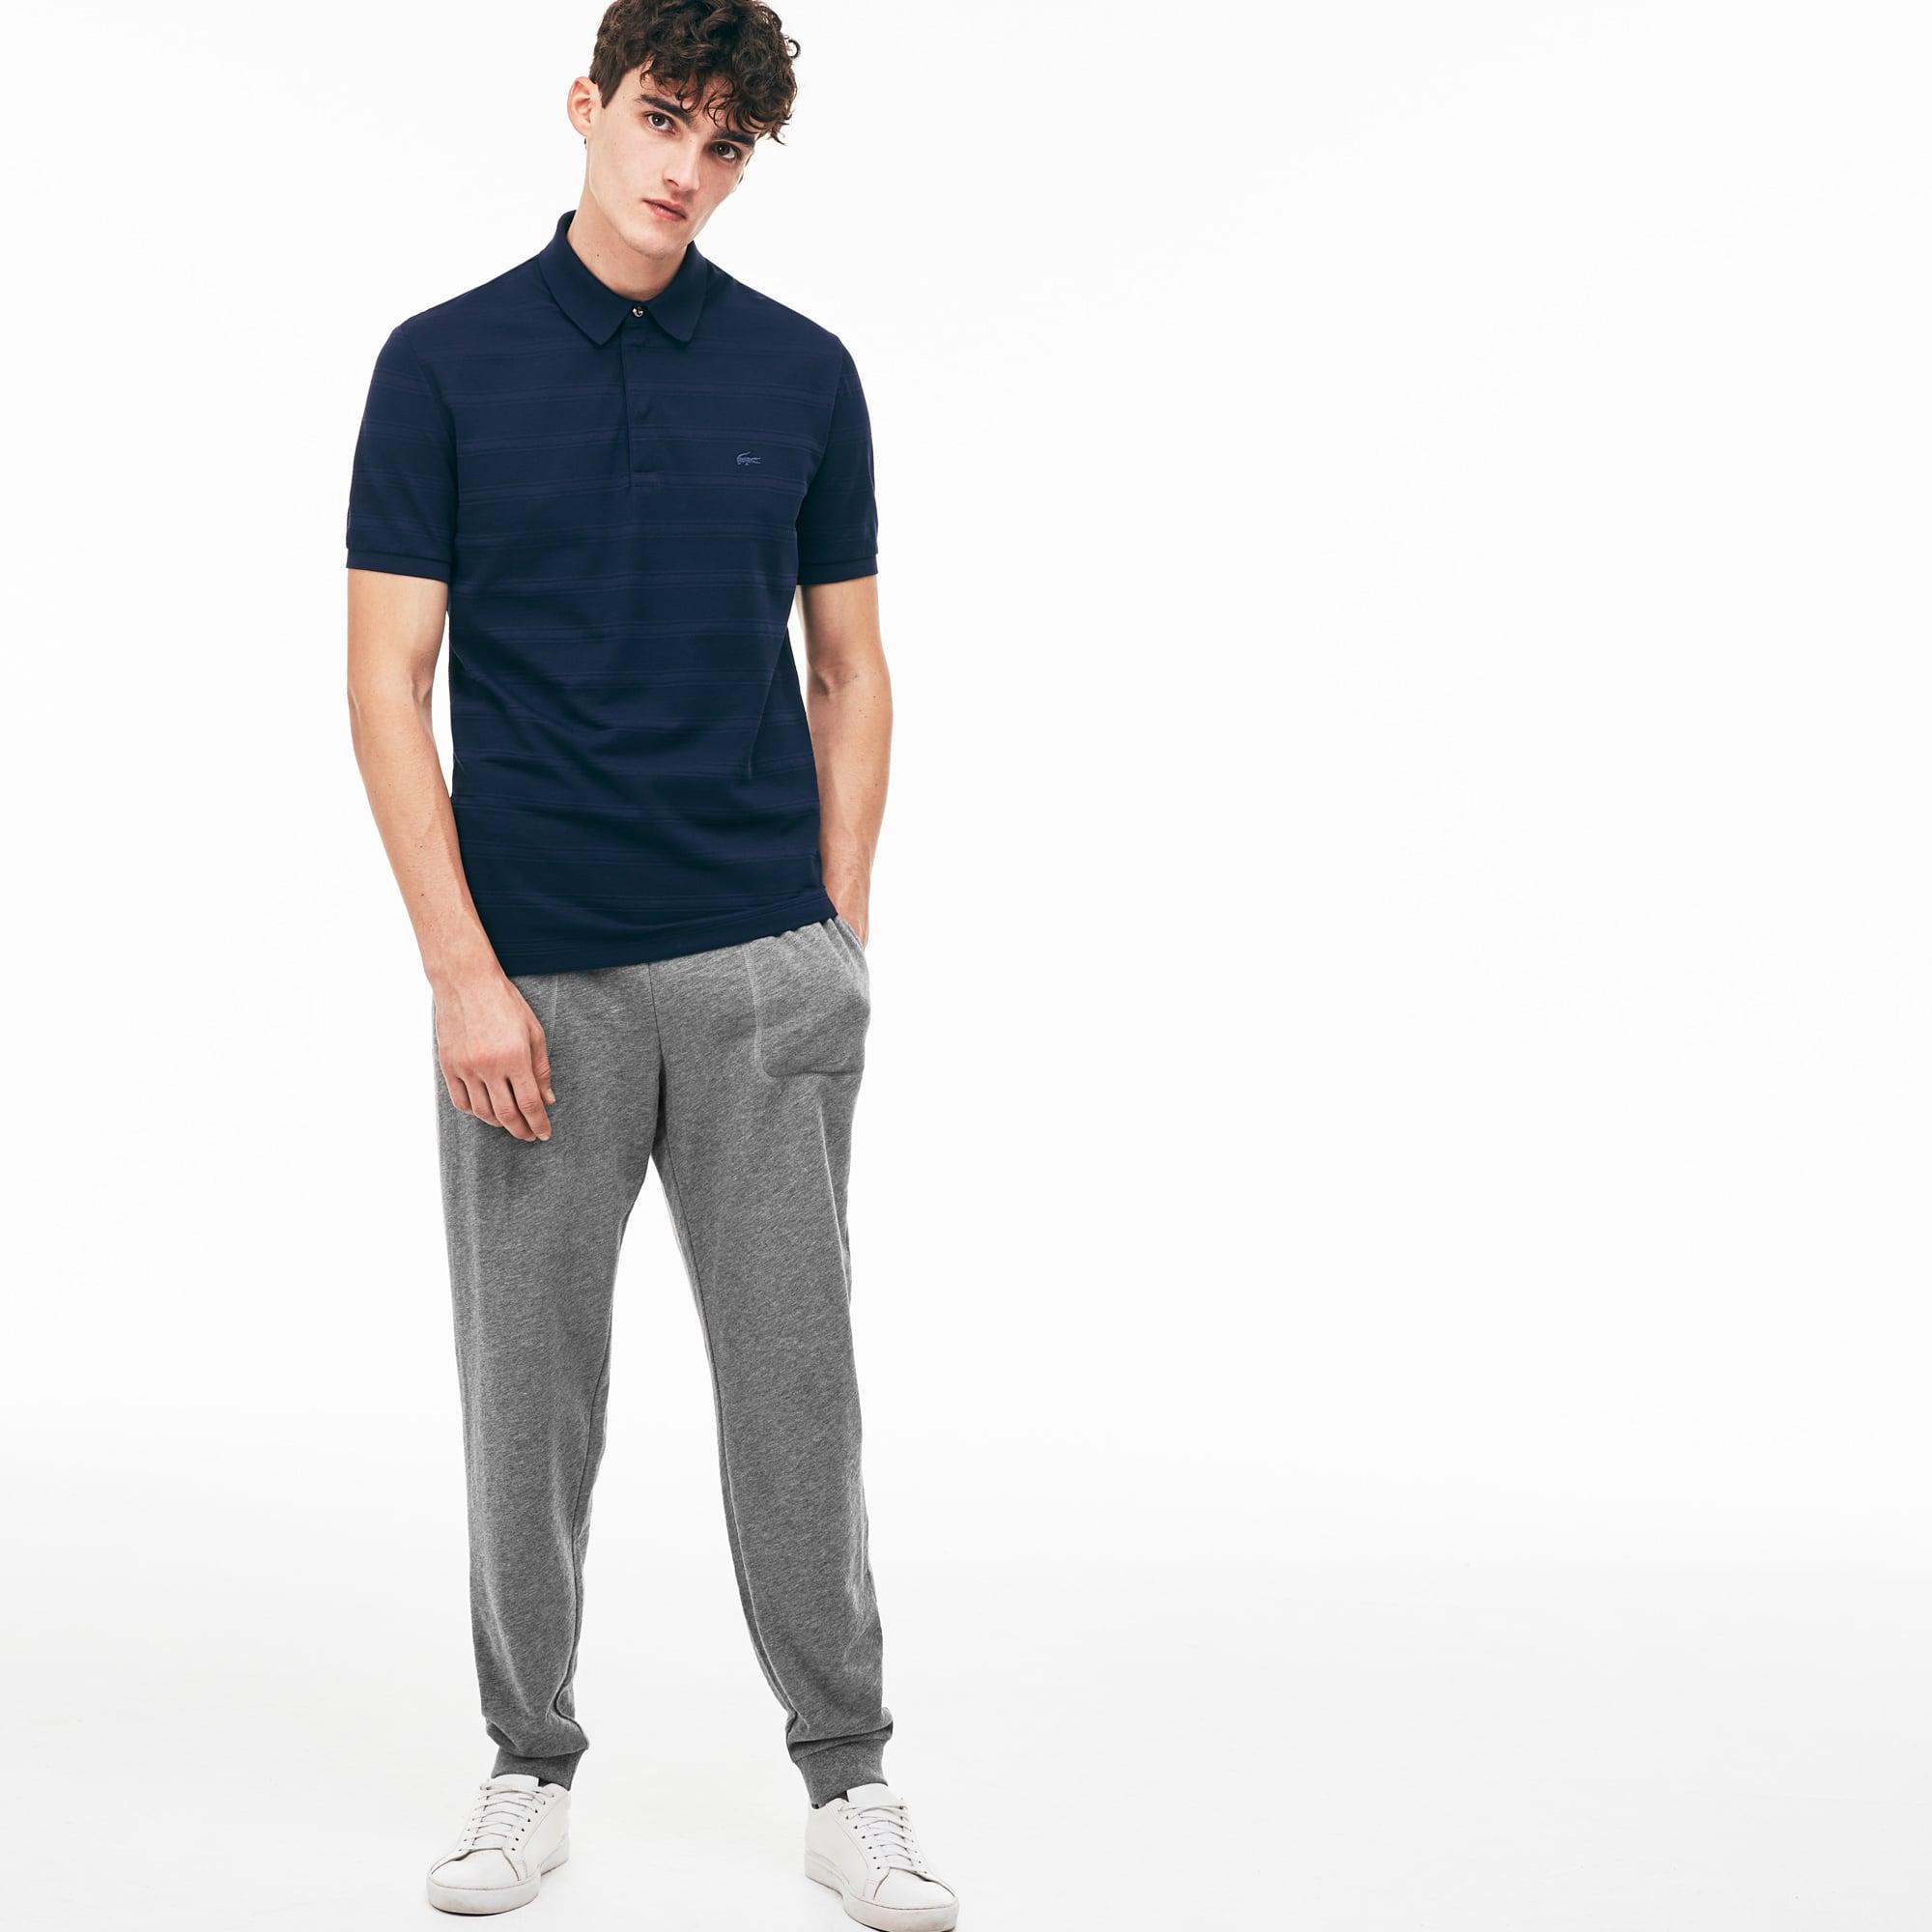 Men's MOTION Cotton Fleece Urban Jogging Pants